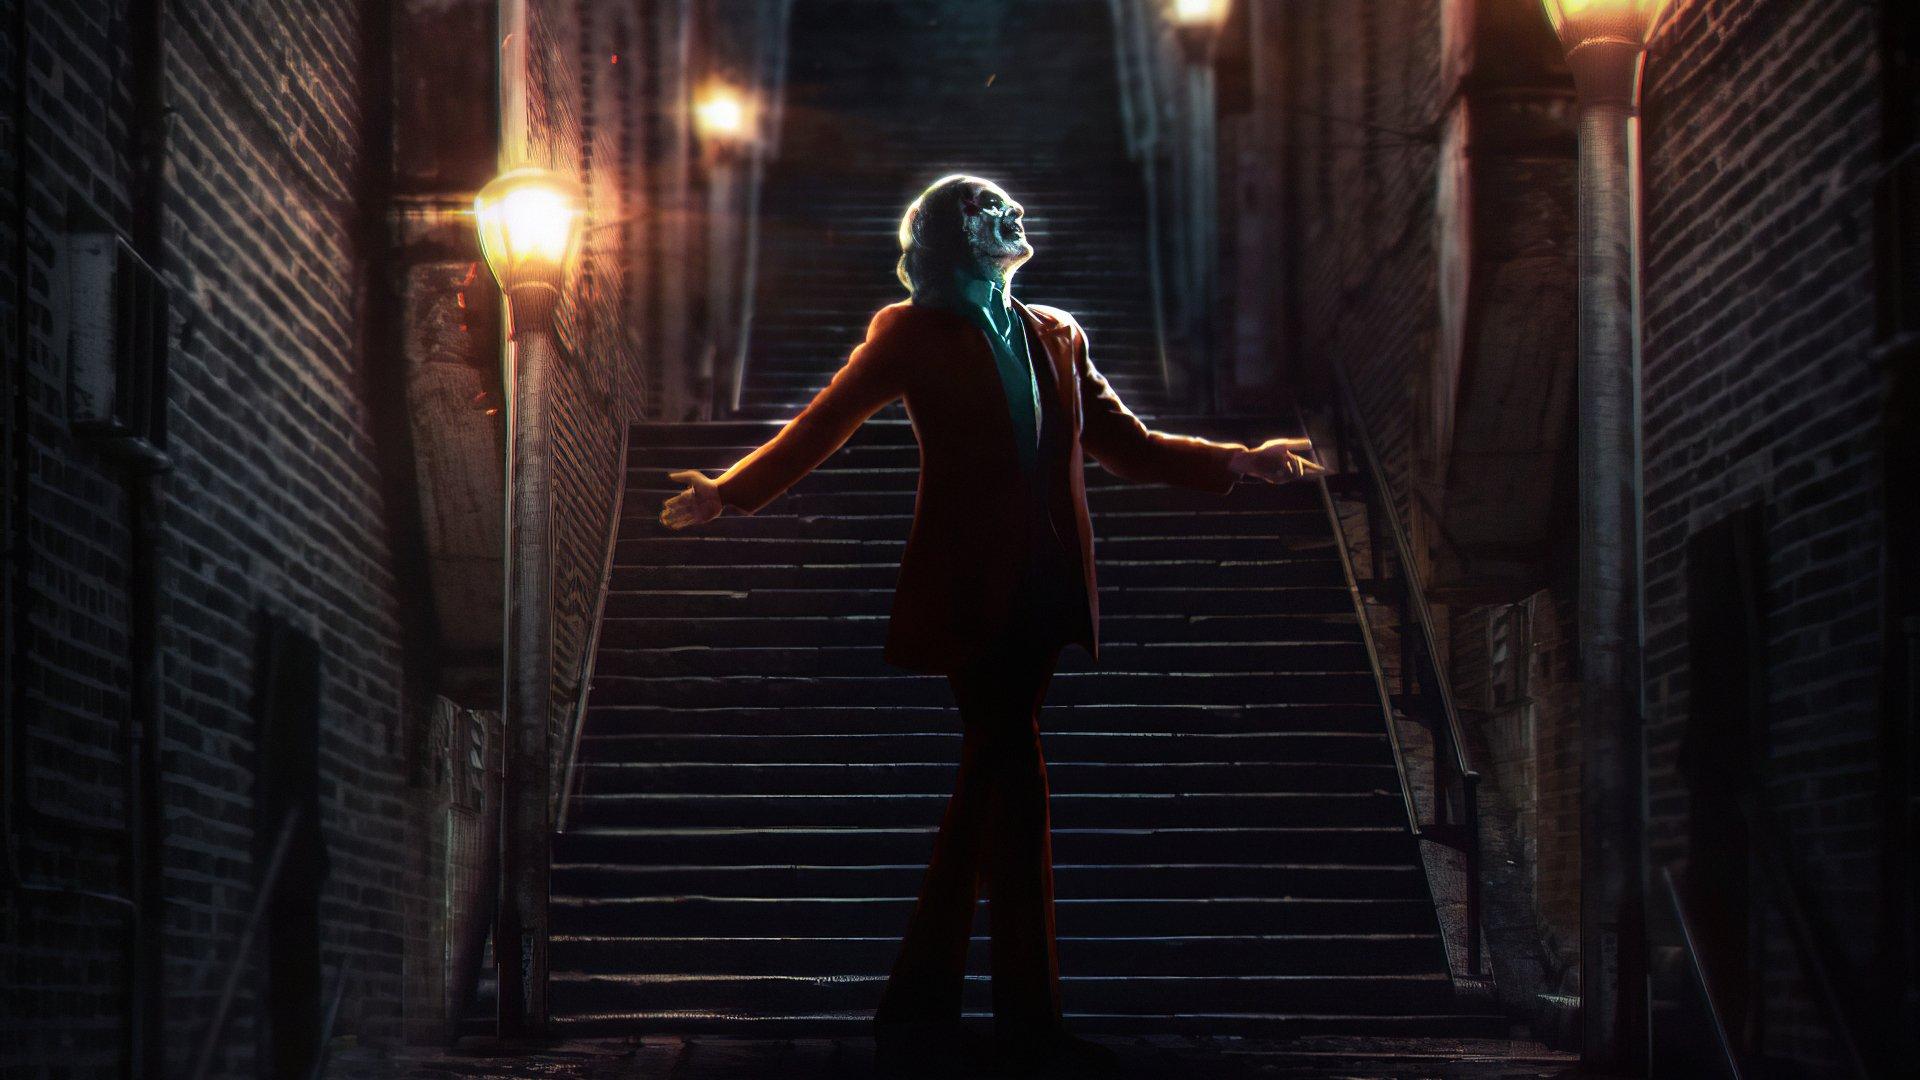 Joker 4k Ultra Fondo de pantalla HD | Fondo de Escritorio ...